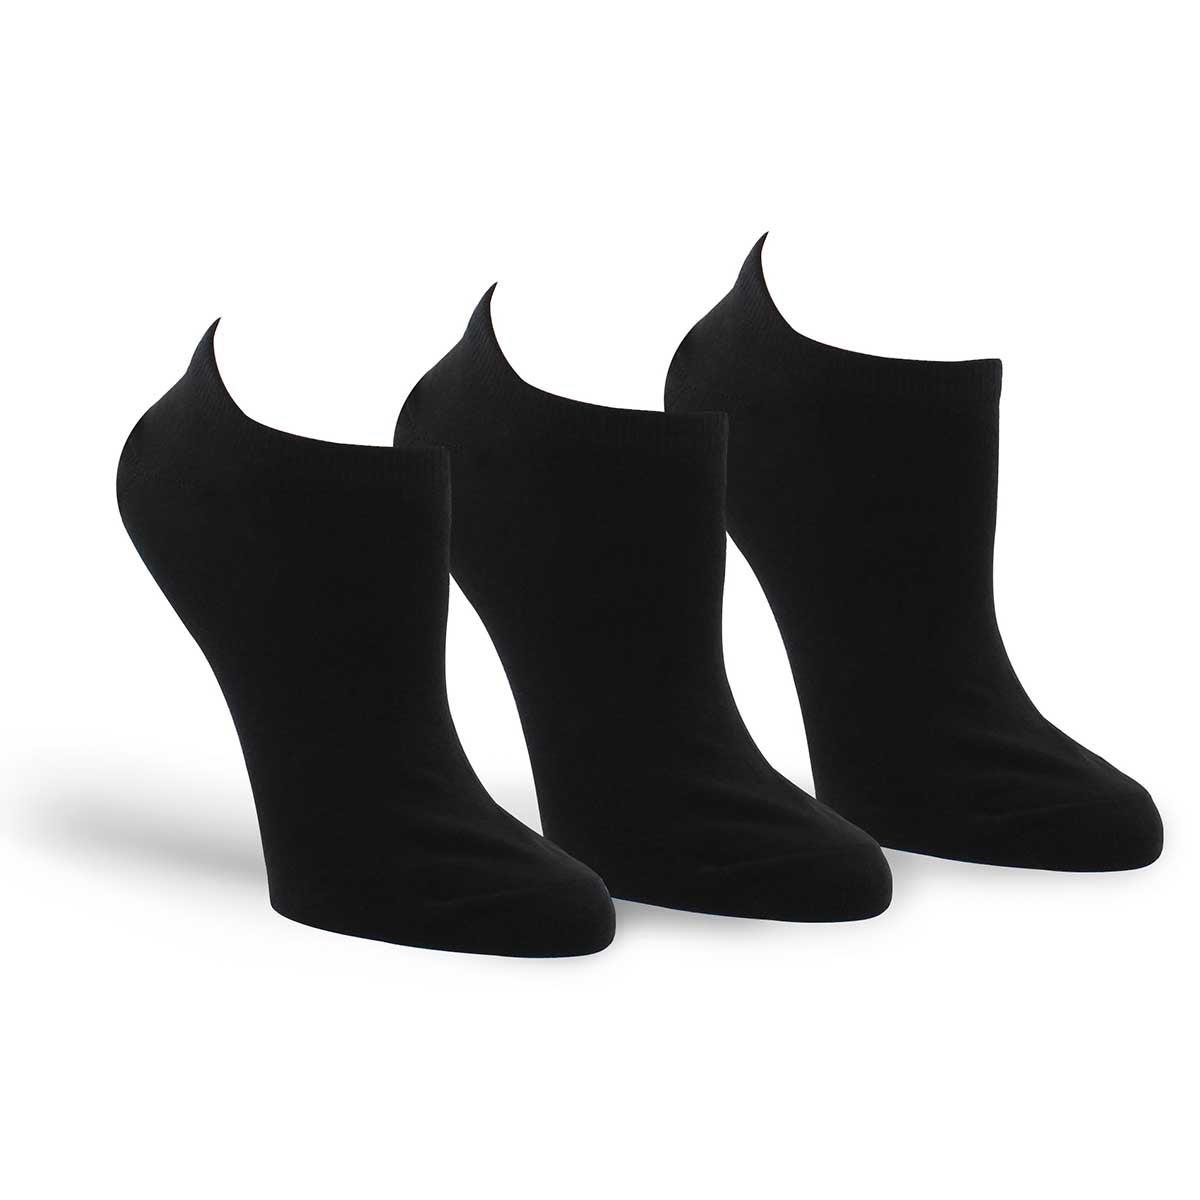 Socquettes CONVERSE, noir, 3 p, femmes